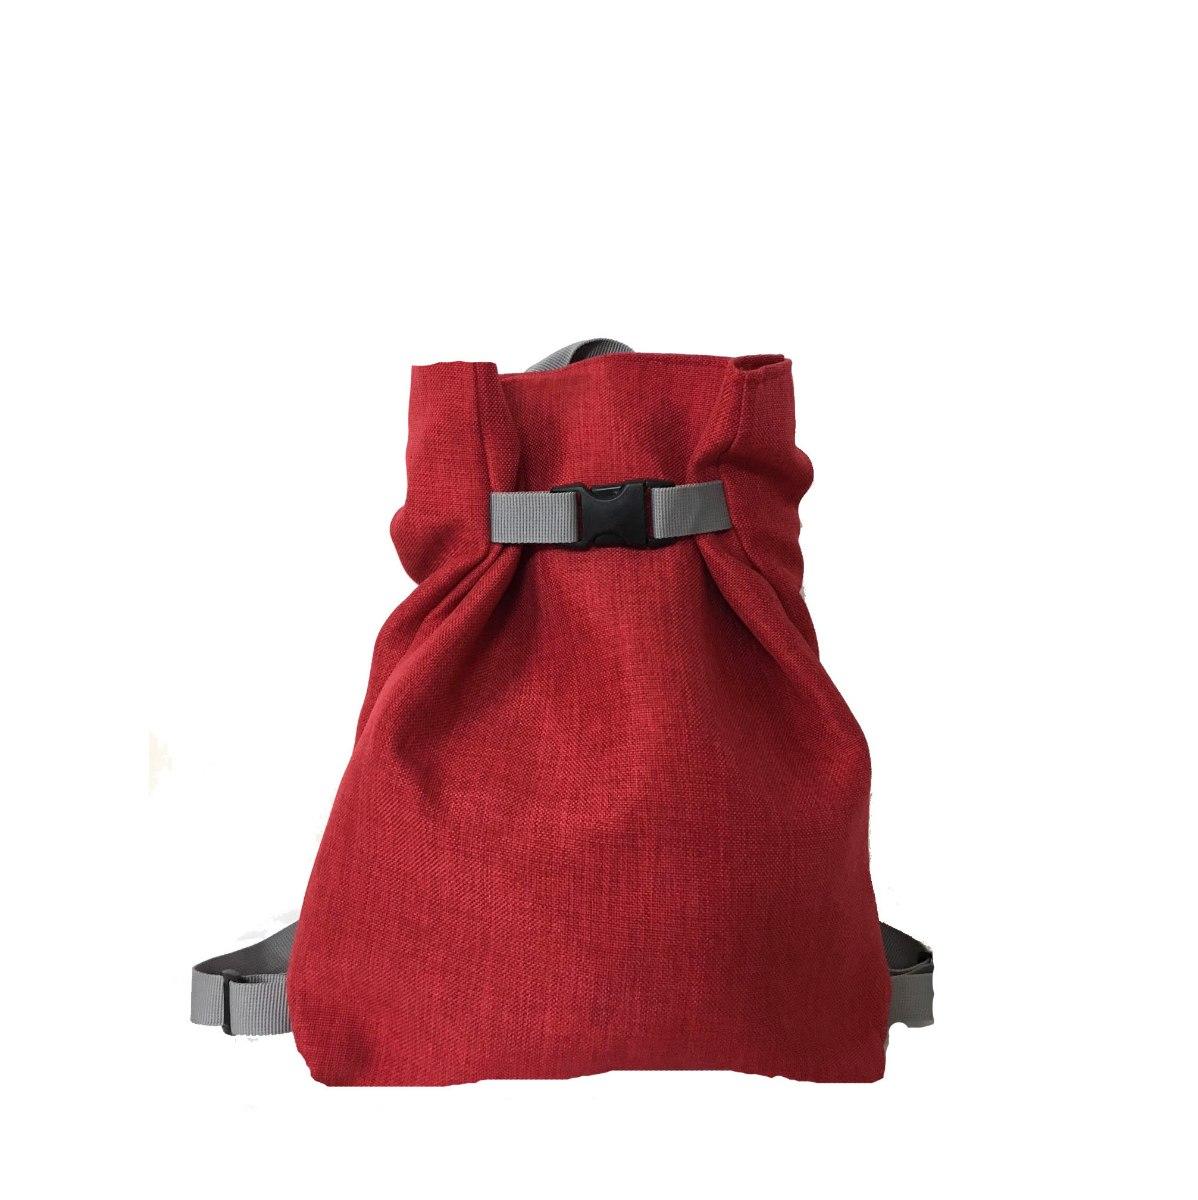 תיק גב משולש מבד בצבע אדום